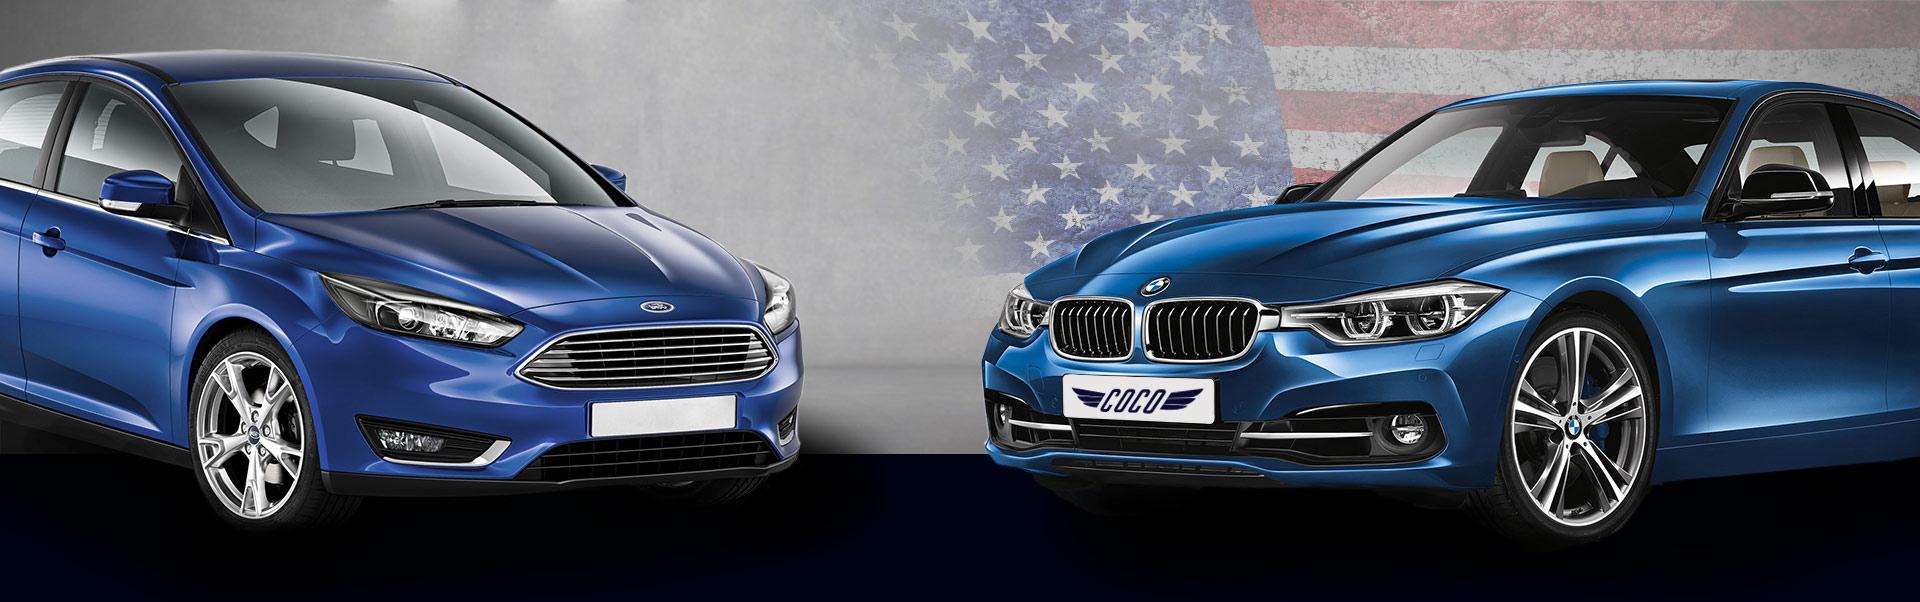 porównanie samochodów